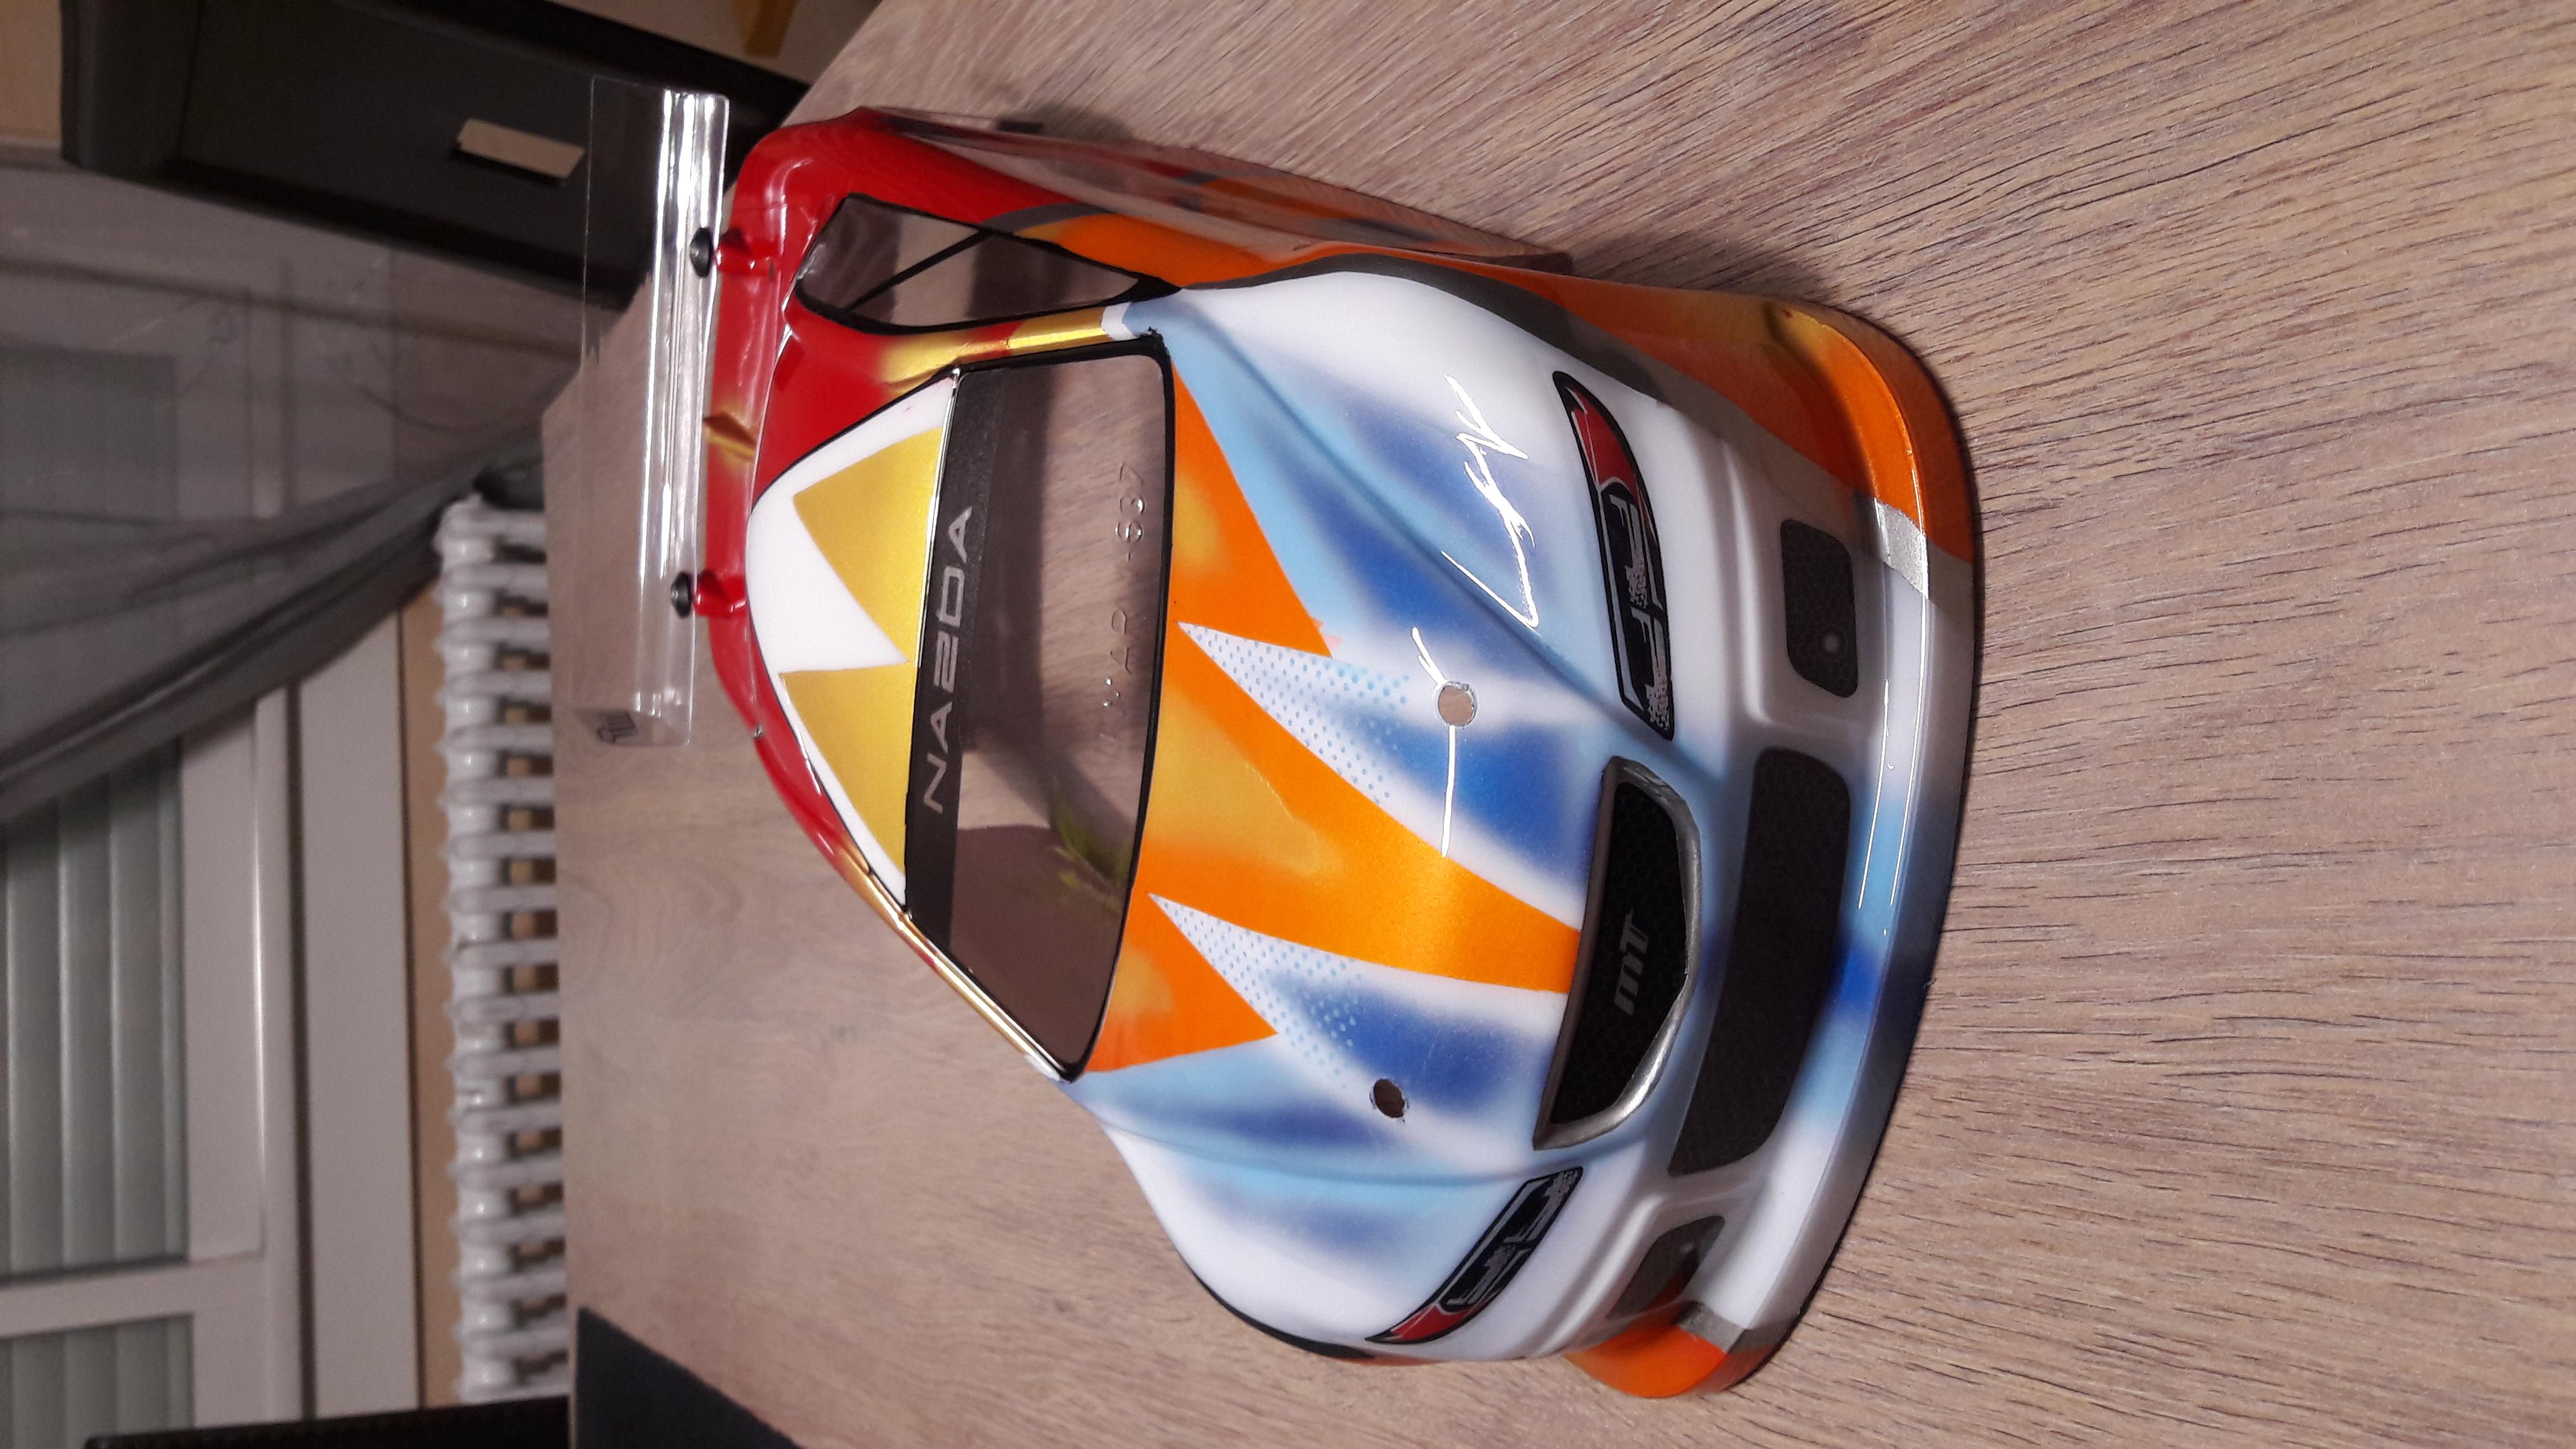 Nouvelle carro piste Mon-tech Nazda 6 2.0 190413102423255563